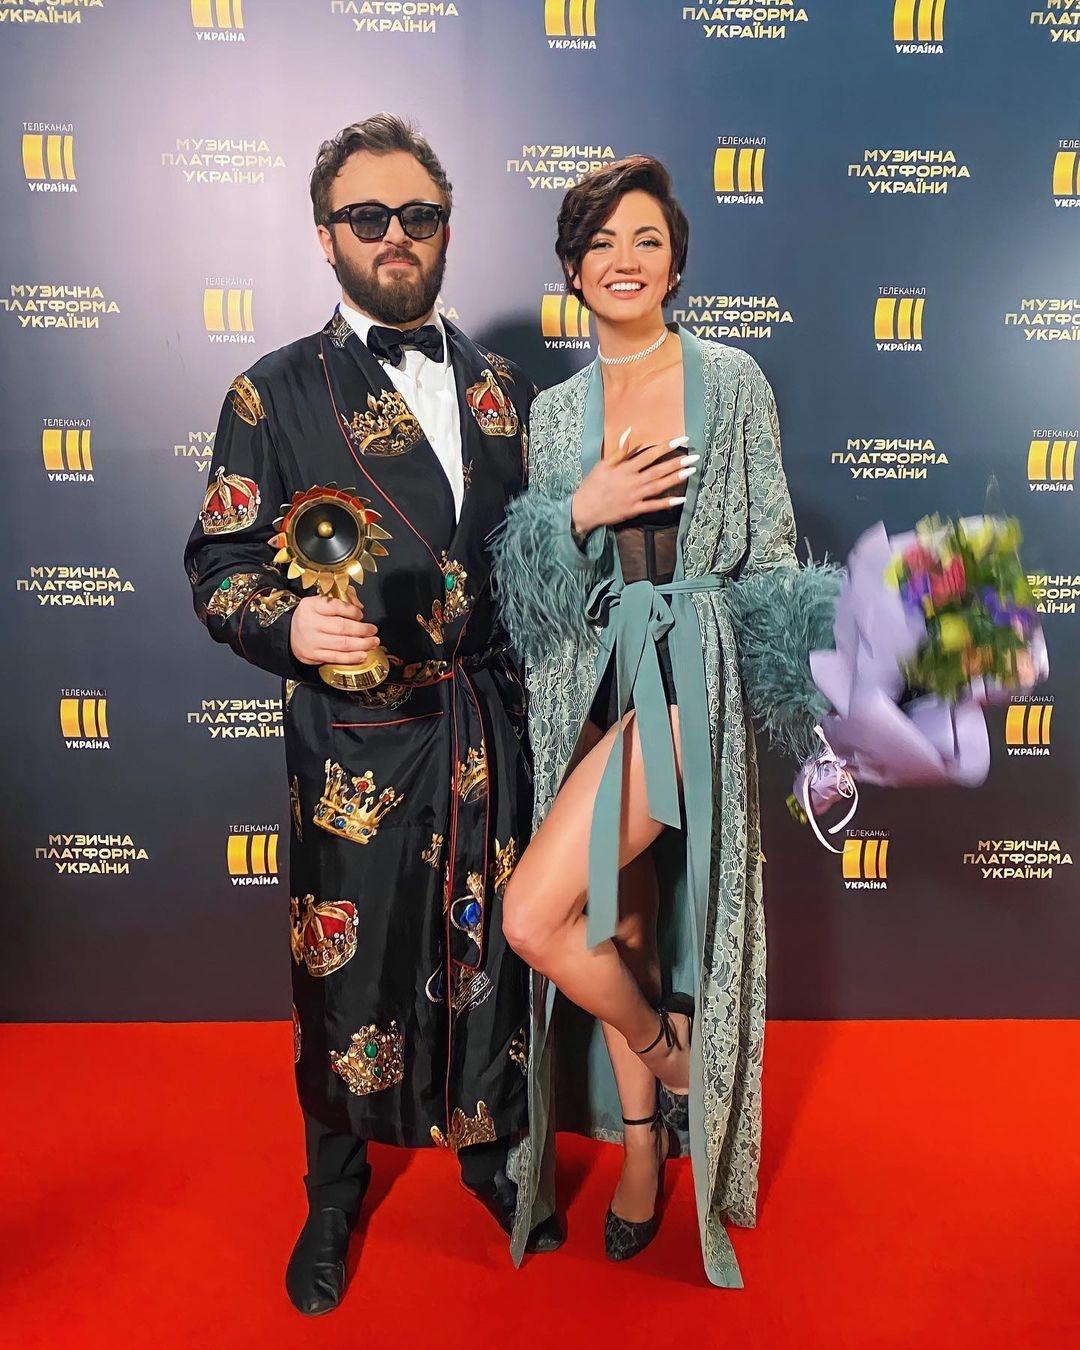 Оля Цибульская рассказала об угрозах, которые получала от жены DZIDZIO - фото №2